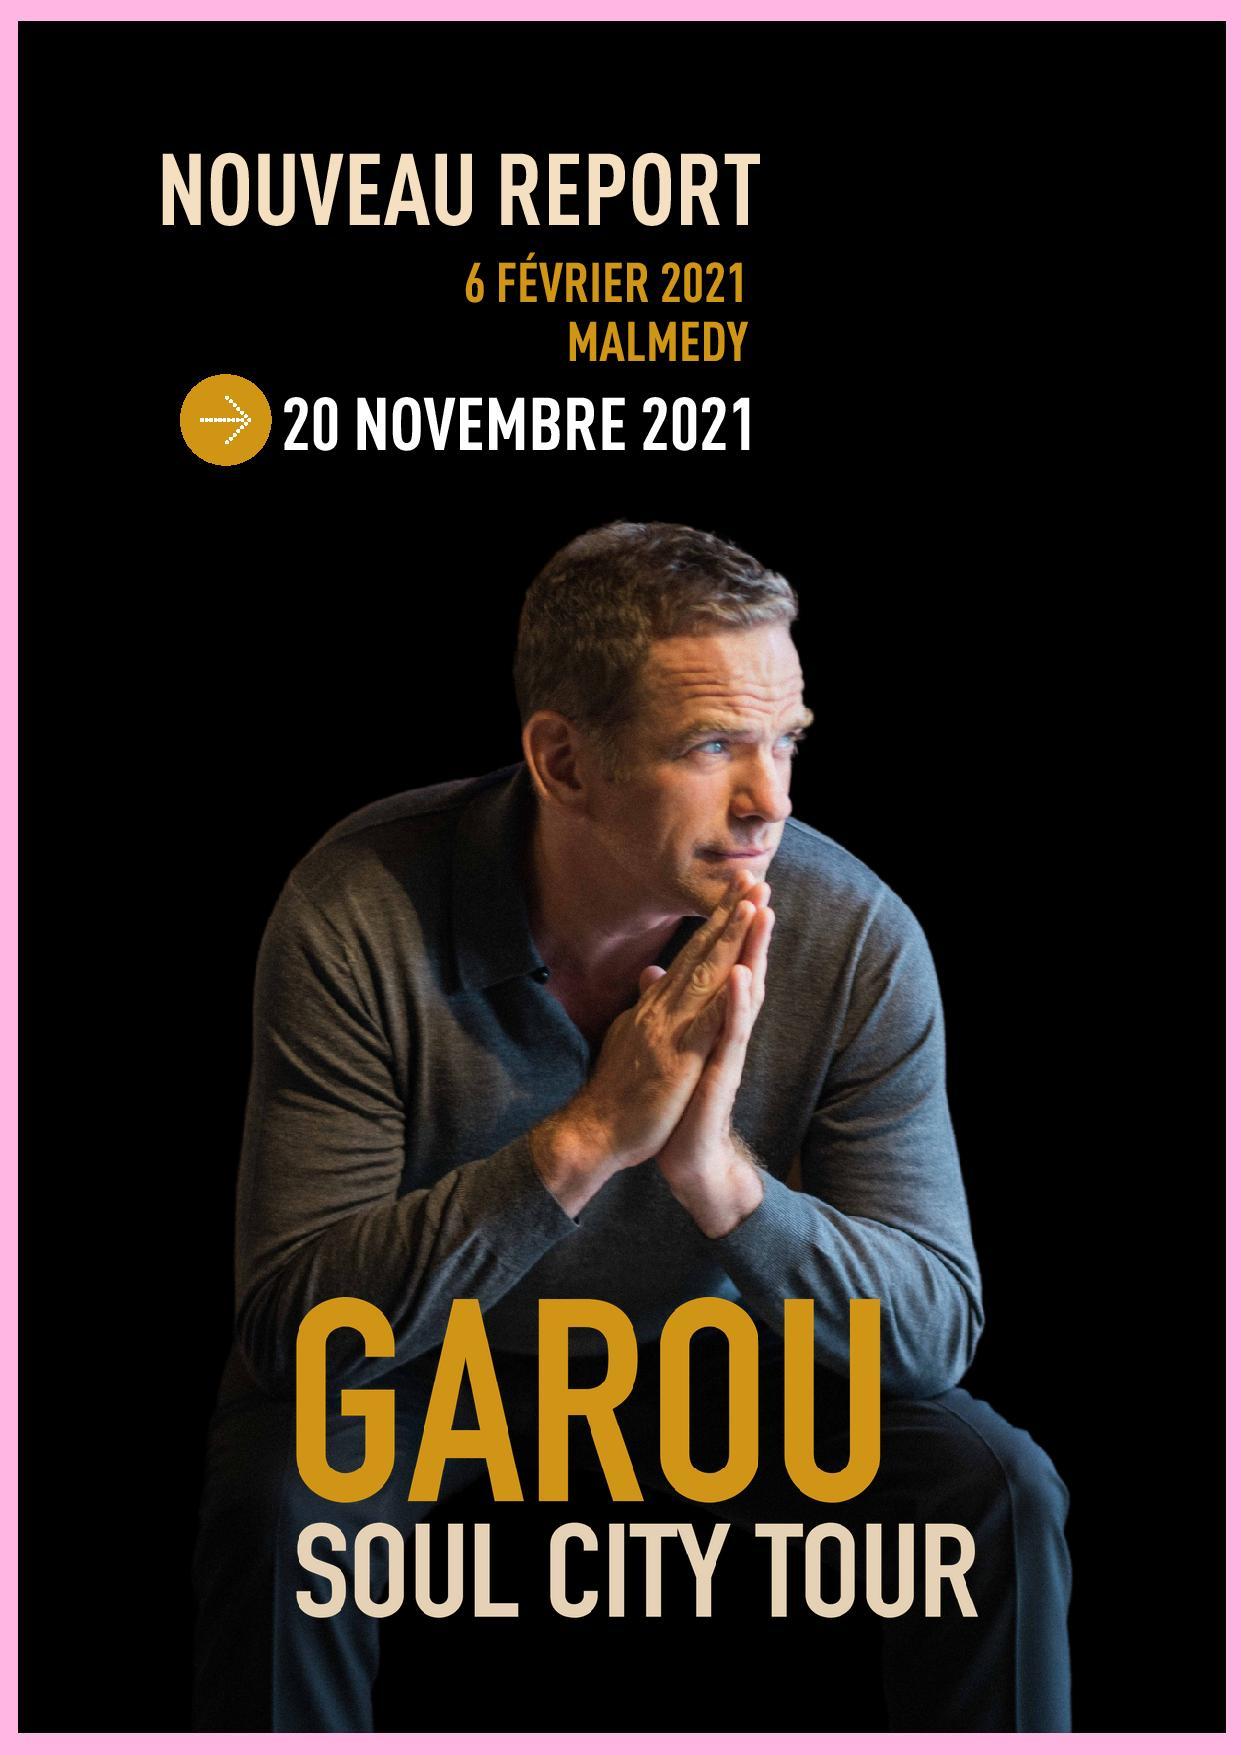 Soul City Tour – Garou